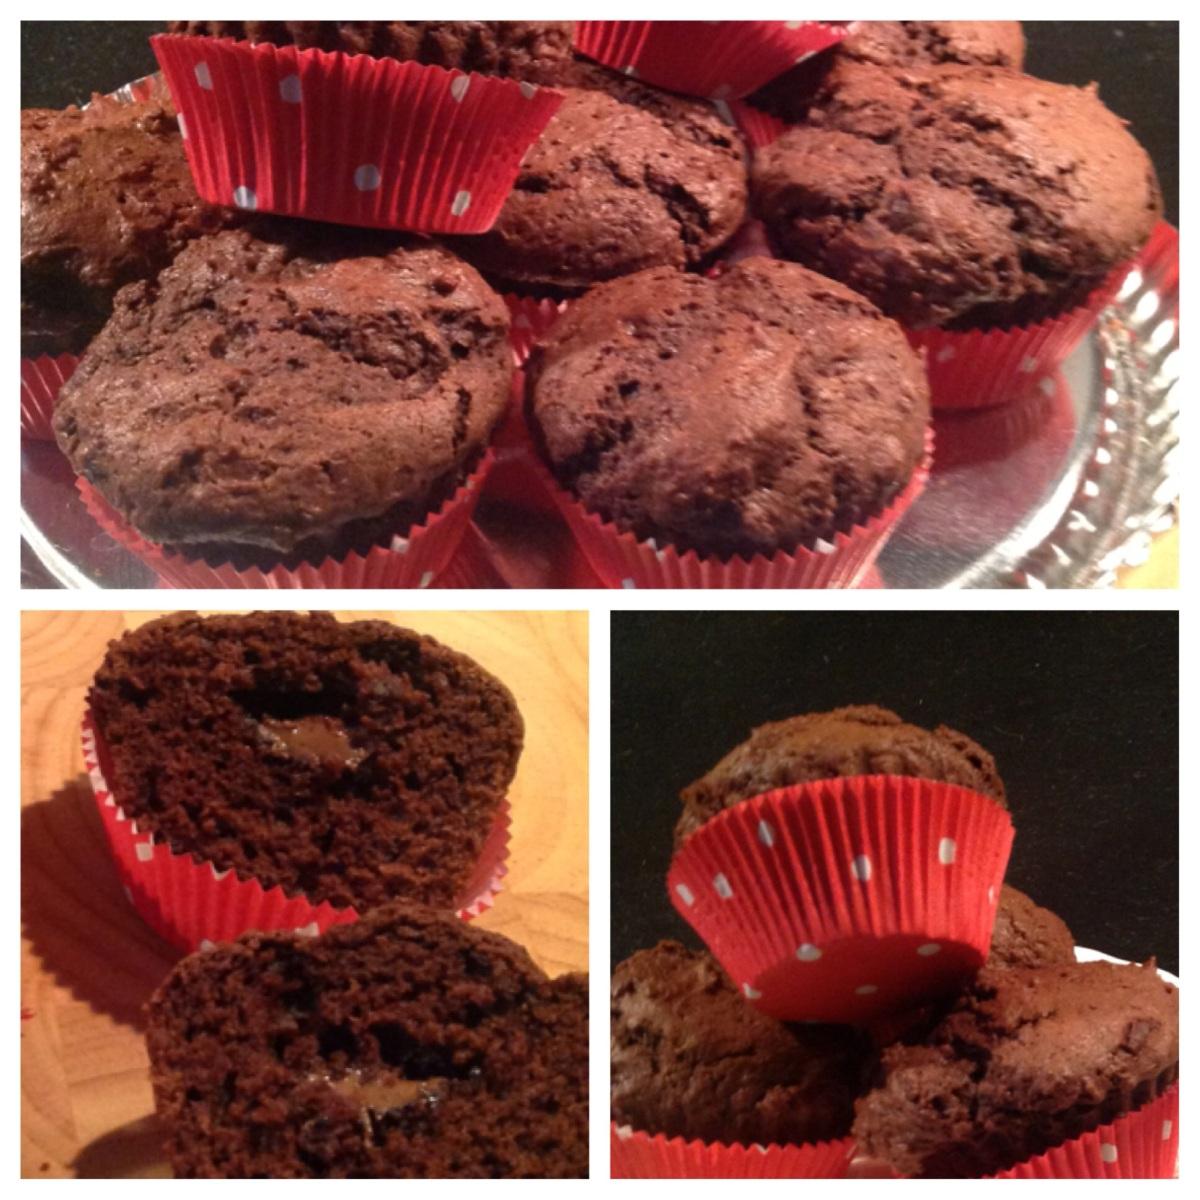 schoko muffins mit nusspli kern oder manchmal muss es schokolade sein. Black Bedroom Furniture Sets. Home Design Ideas